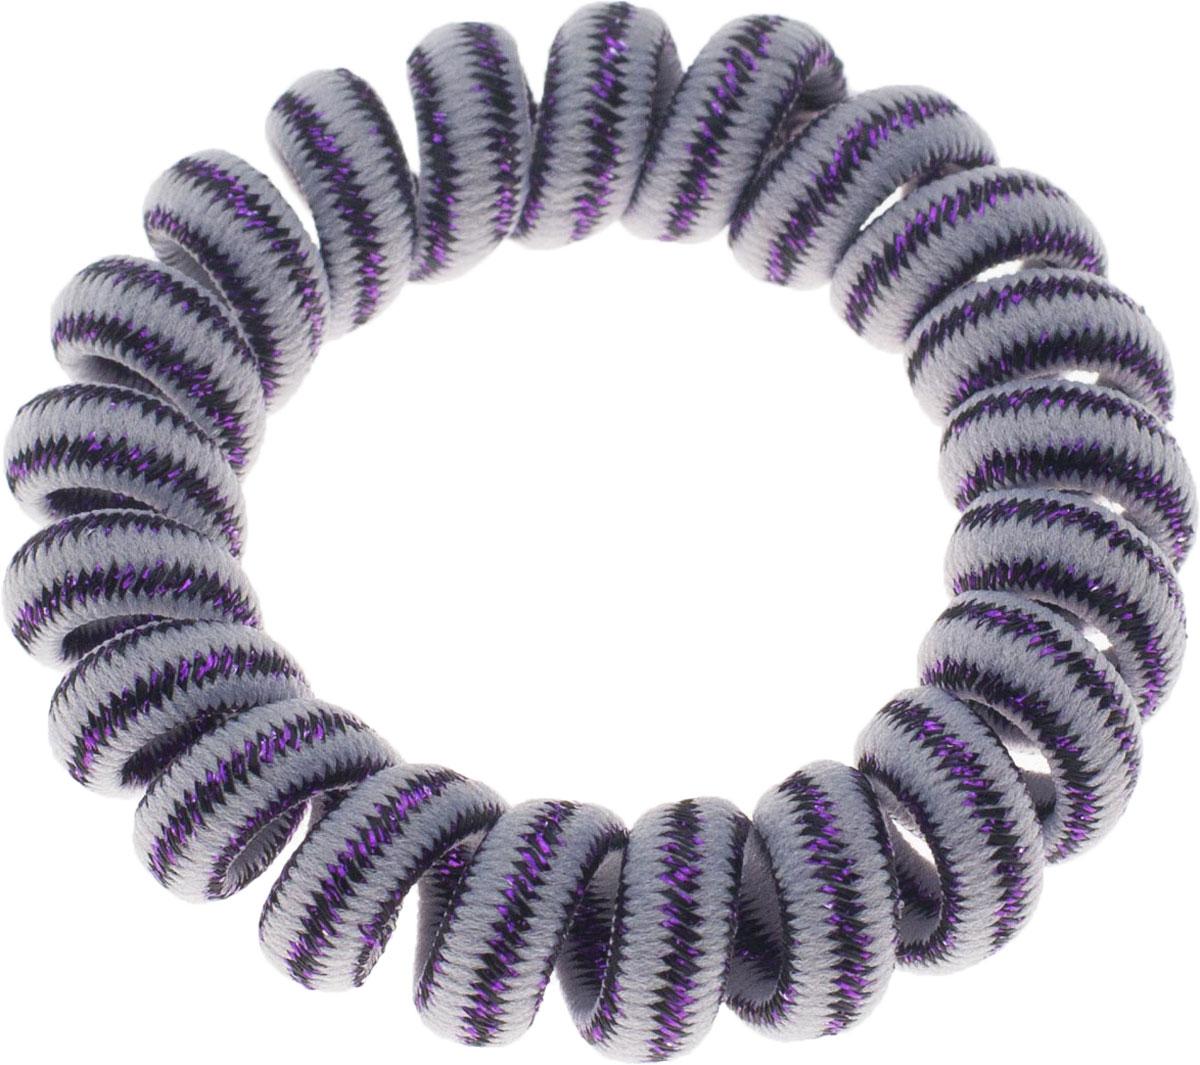 Резинка для волос Мастерская Крутовых, цвет: фиолетовый. РПВ-221